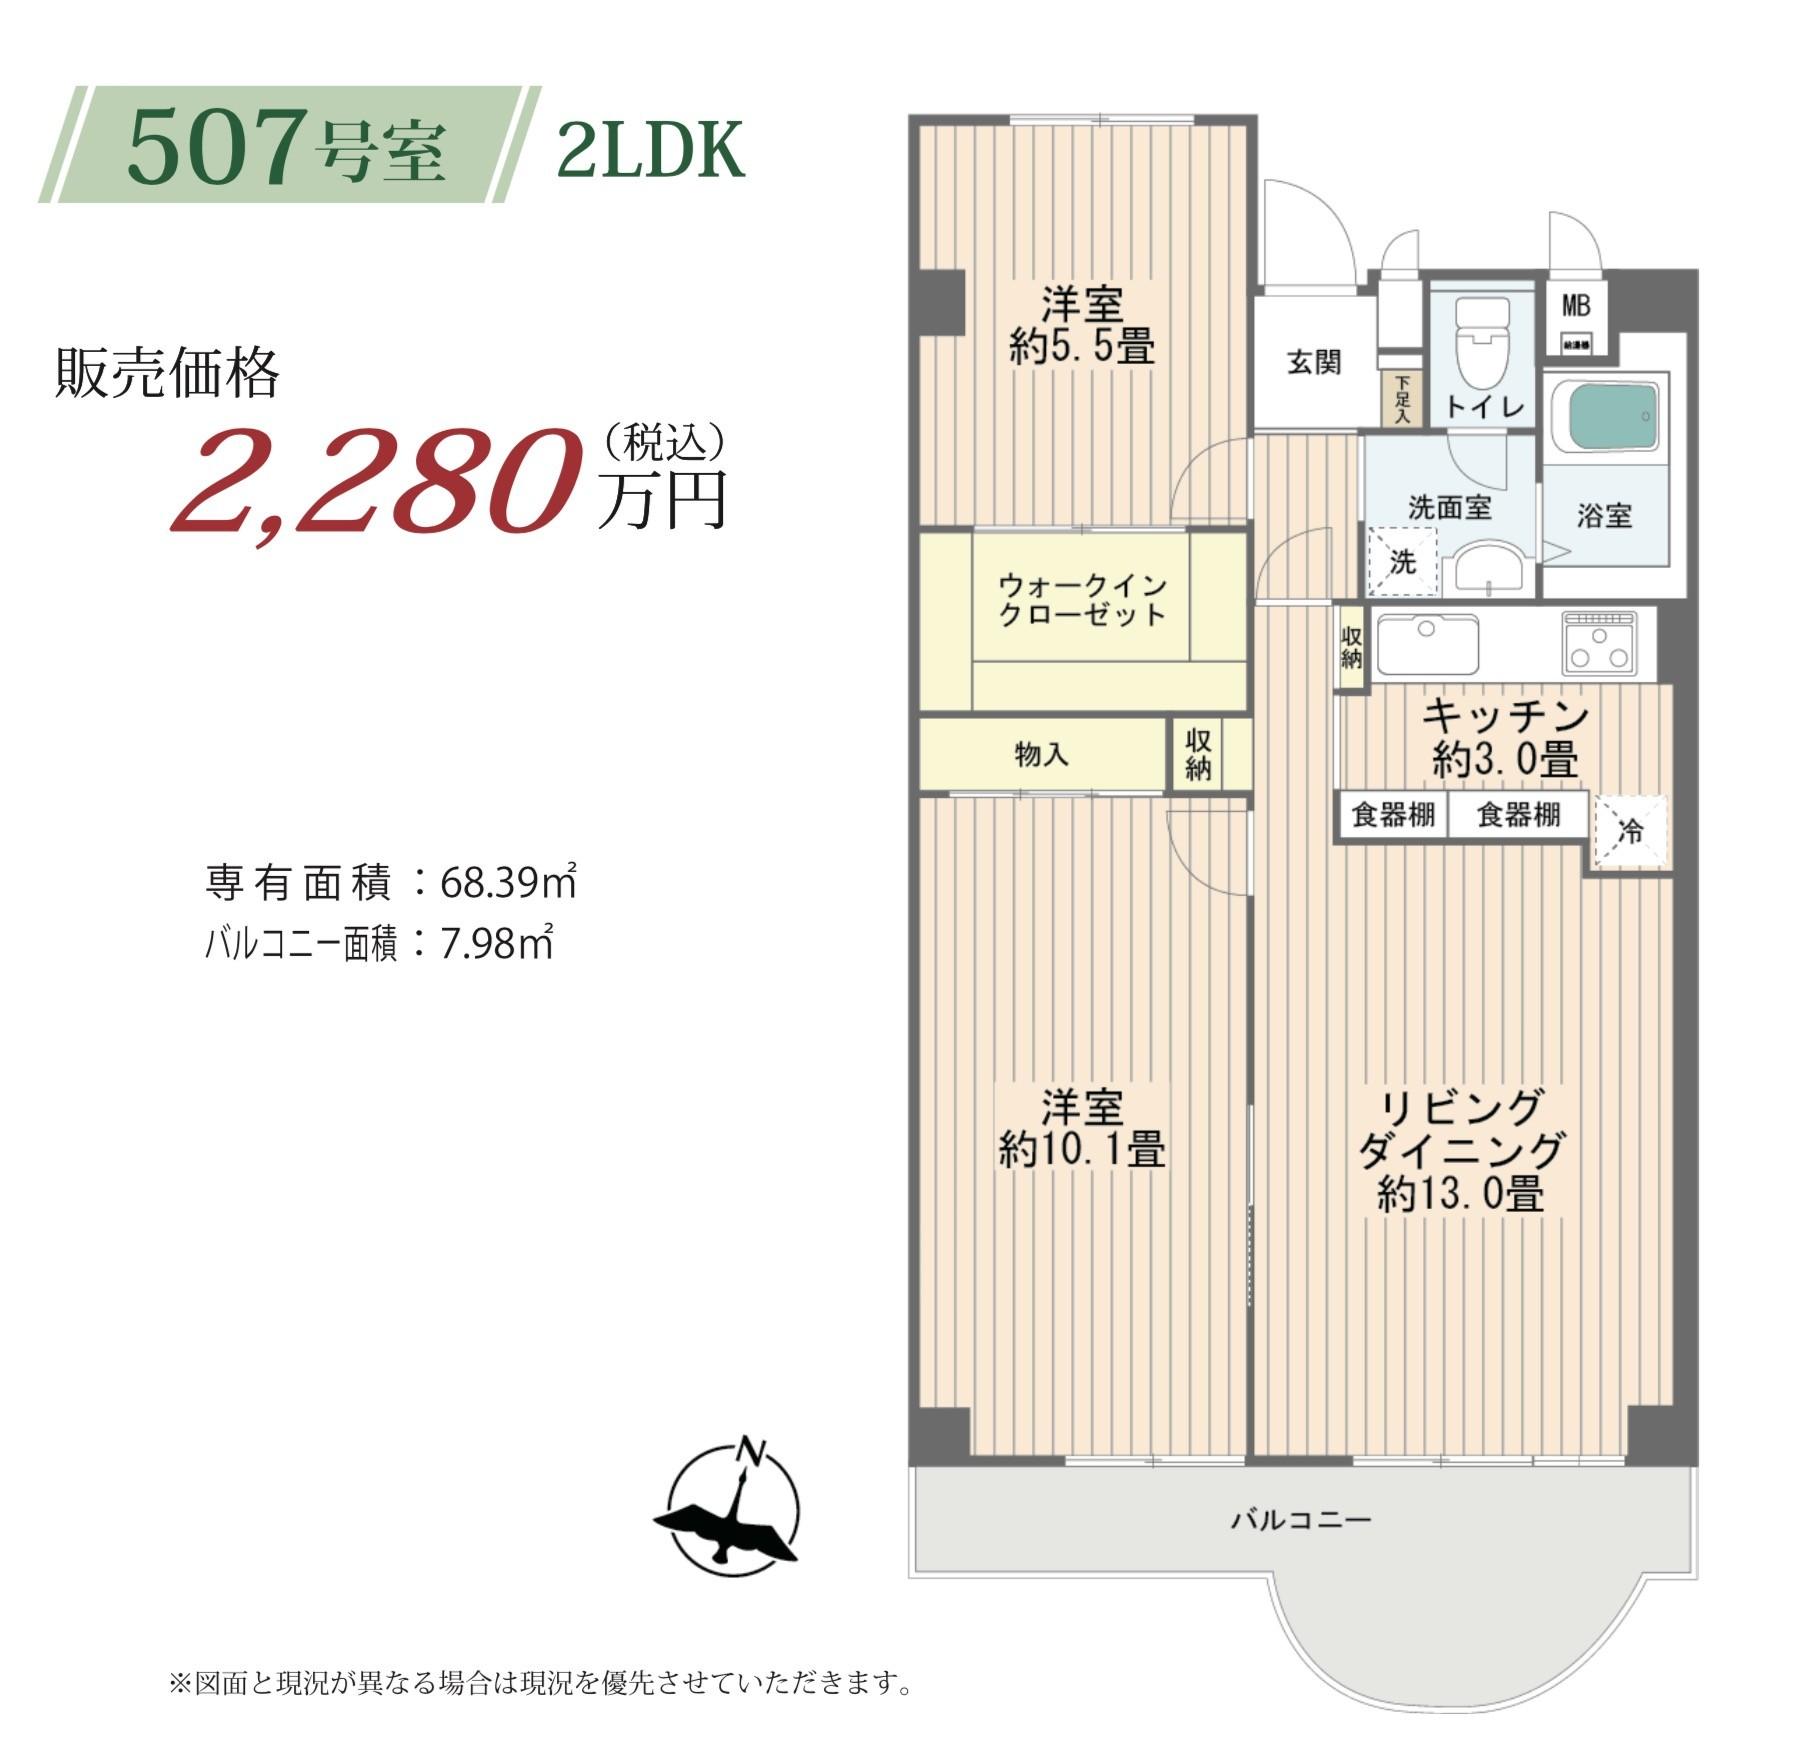 間取り、浦和白幡東高層住宅2号棟中古マンション 仲介手数料無料